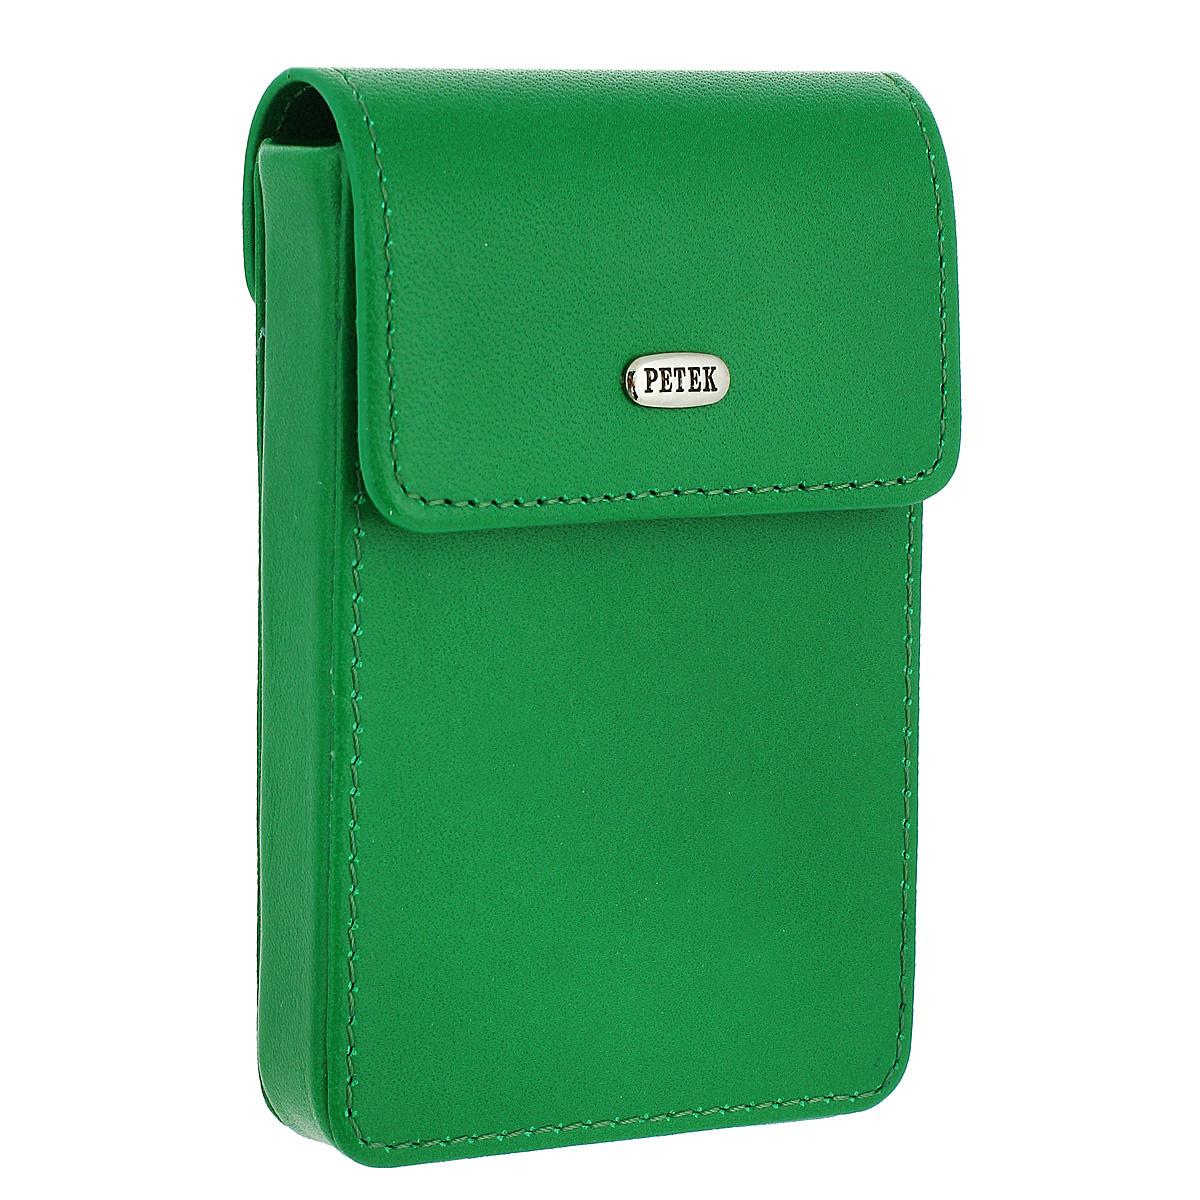 Футляр для визиток Petek, цвет: зеленый.617/1.46D.91 Mint Leaf617/1.46D.91 Mint LeafФутляр для визиток Petek - это яркий и стильный аксессуар для бизнеса, компактный размер - и ничего лишнего. Визитки всегда в одном месте, они не потеряются и не помнутся. В футляре предусмотрен основной блок для хранения карточек. Легко и удобно открывается и закрывается благодаря магнитной застежке. Футляр для визиток Petek станет великолепным подарком ценителю современных практичных вещей. Изделие упаковано в фирменную коробку коричневого цвета с логотипом фирмы Petek 1855.